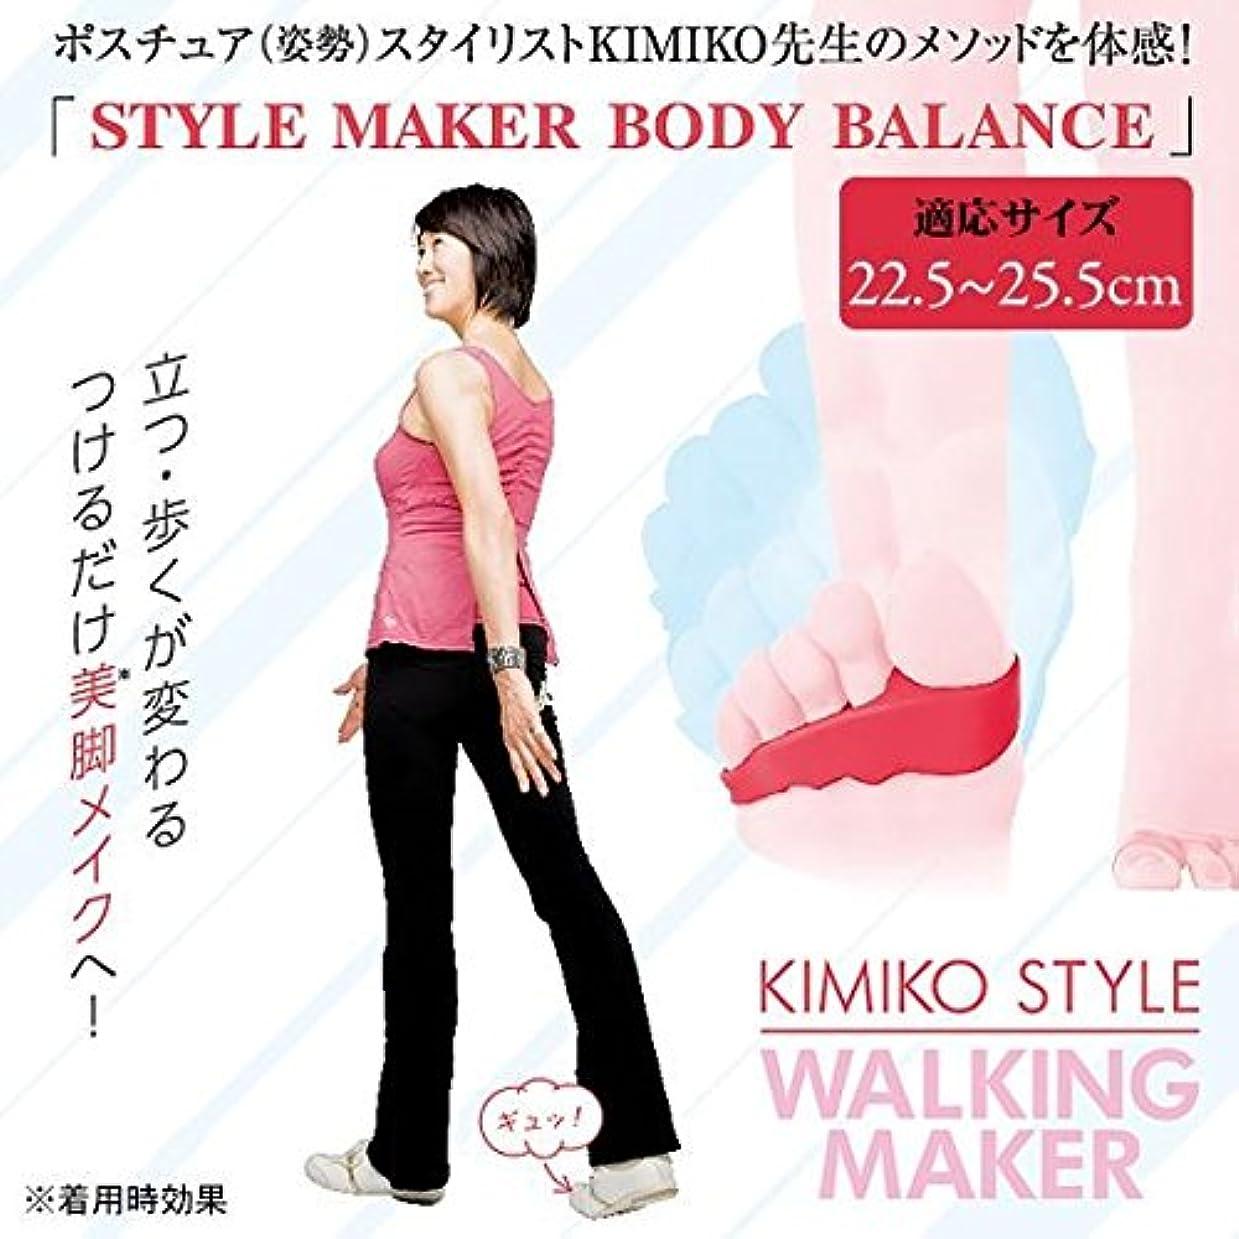 かろうじて入る死の顎KIMIKO STYLE(キミコスタイル) WALKING MAKER(ウォーキングメーカー) 1足入